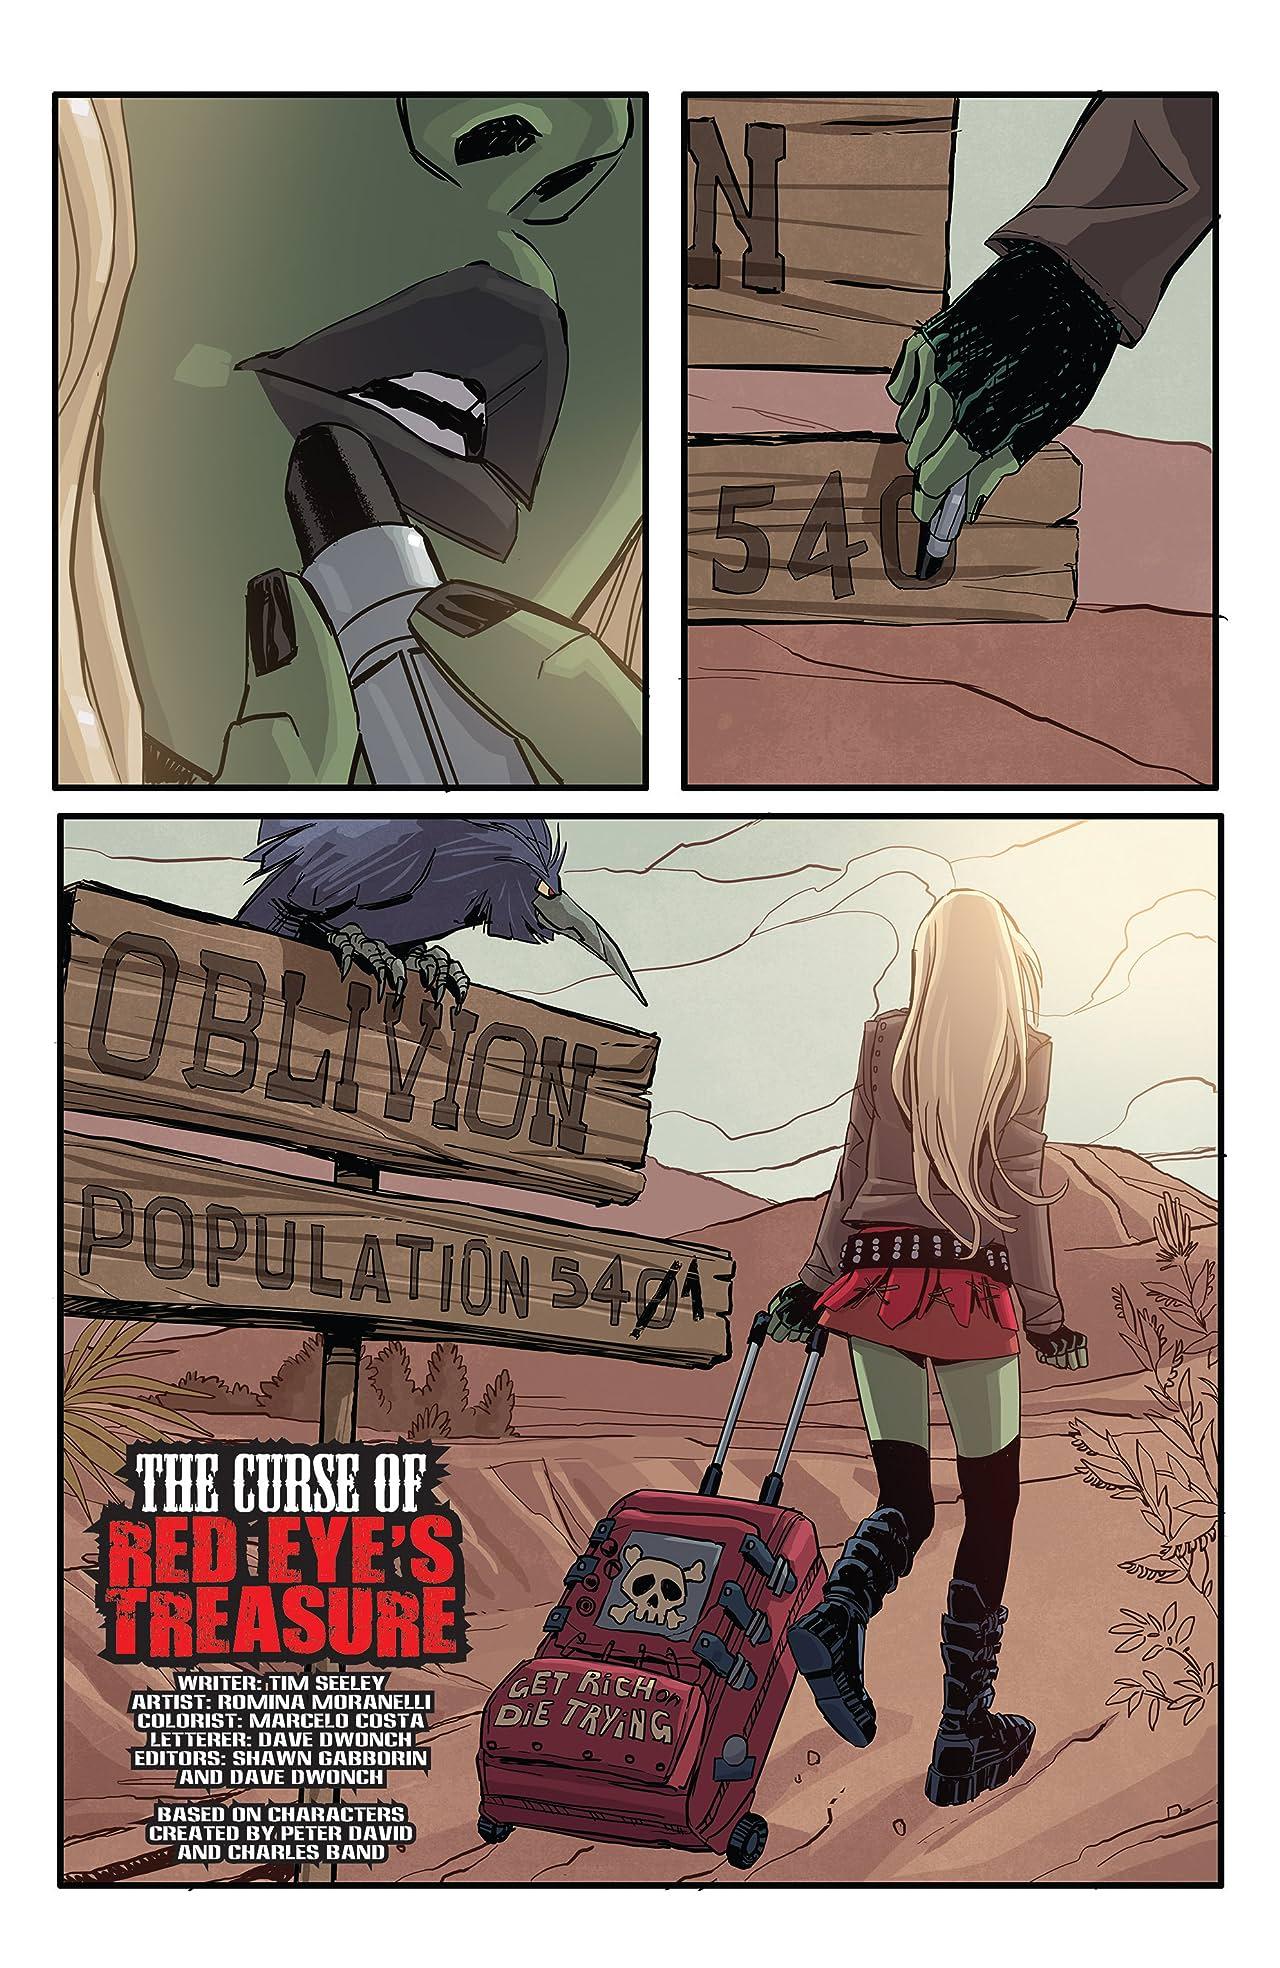 Oblivion Vol. 1